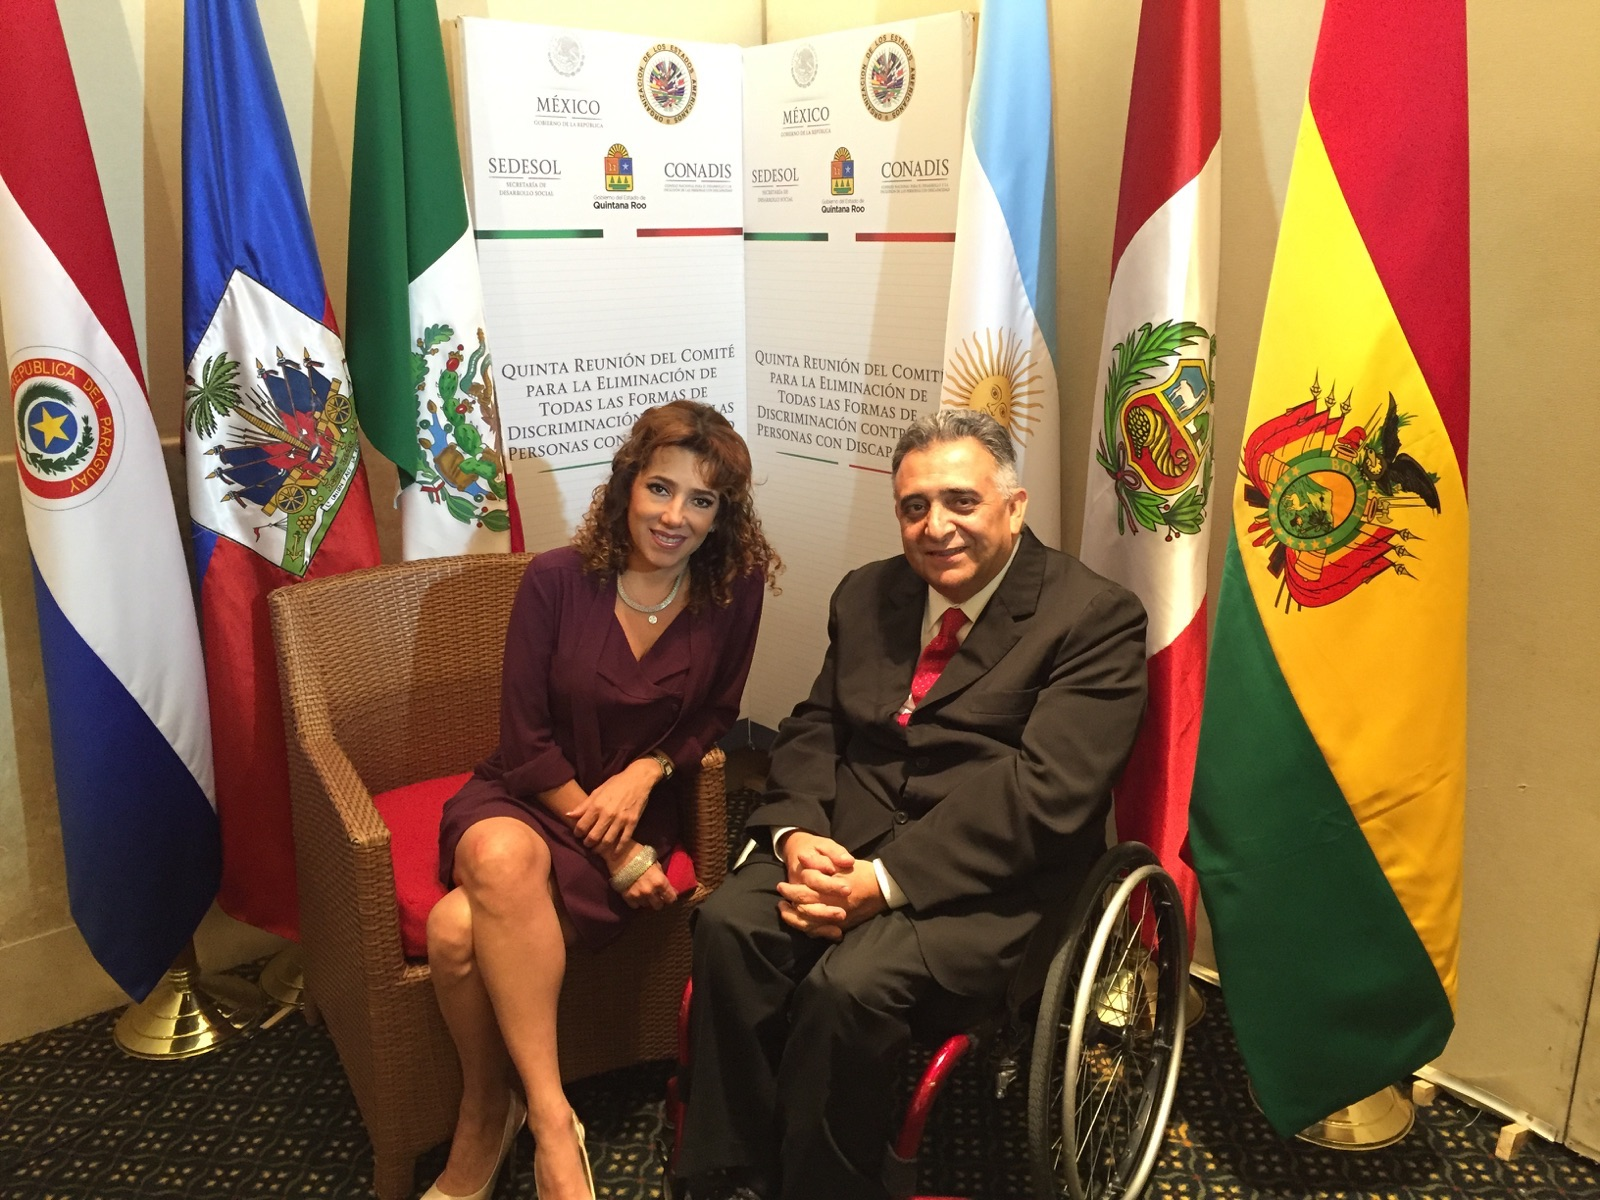 Jesús Toledano Ex Director General Conadis  -  Especialista en Derechos Humanos